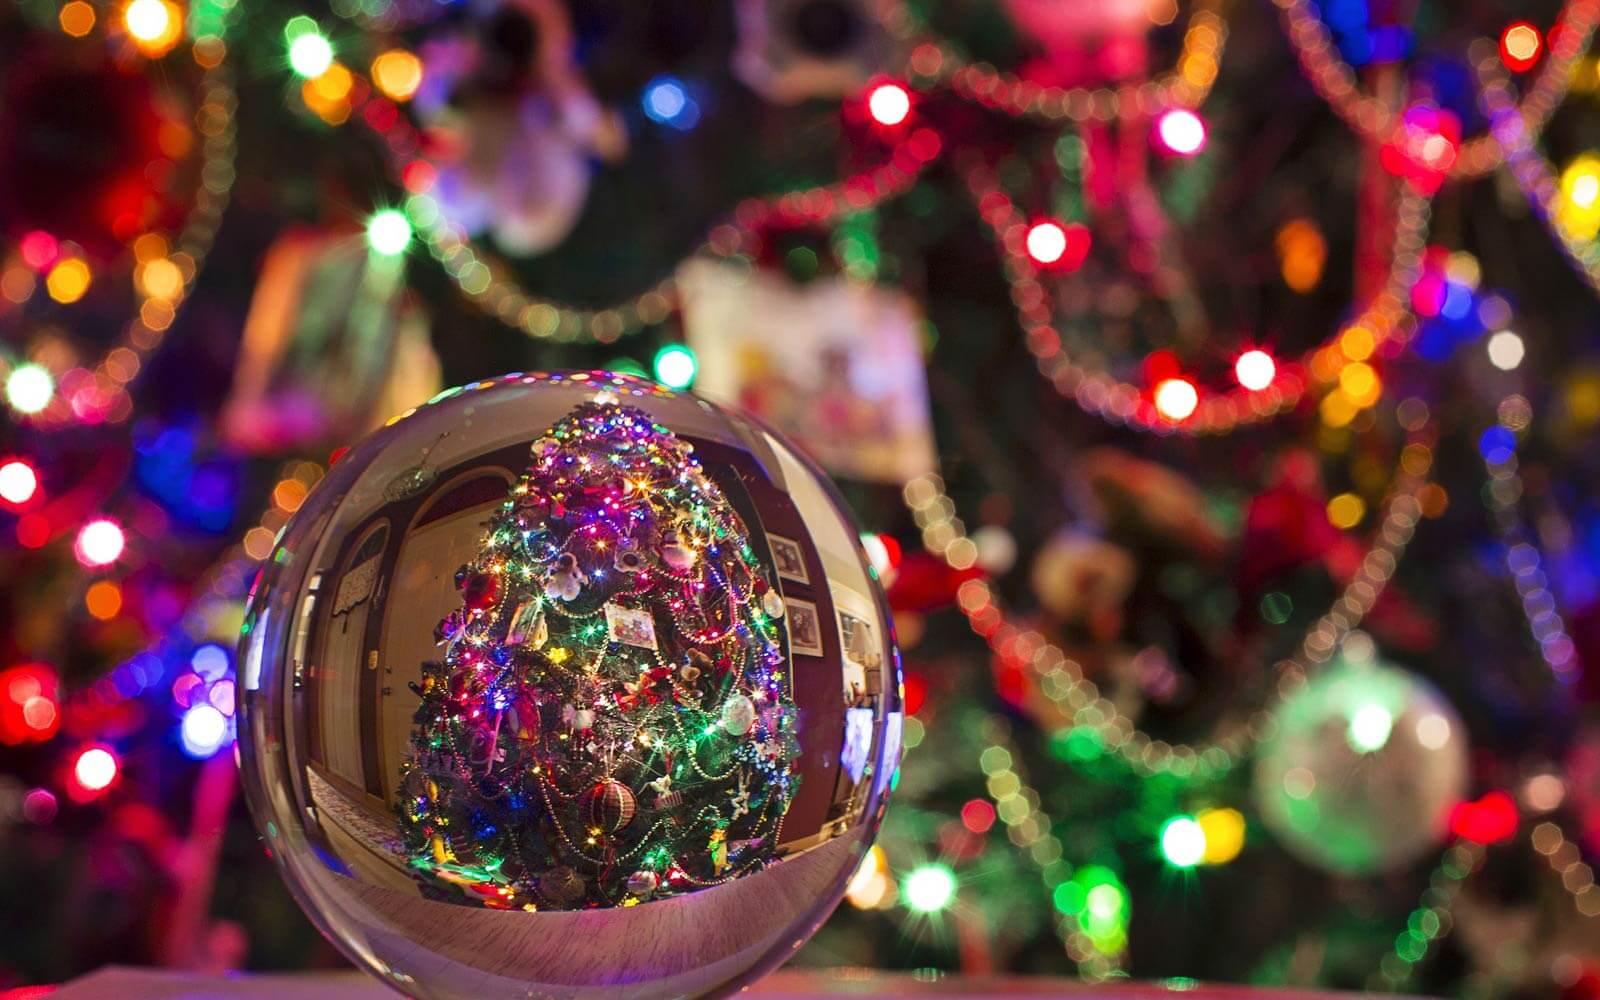 Weihnachtsbaumkugel vor Weihnachtsdekorationen